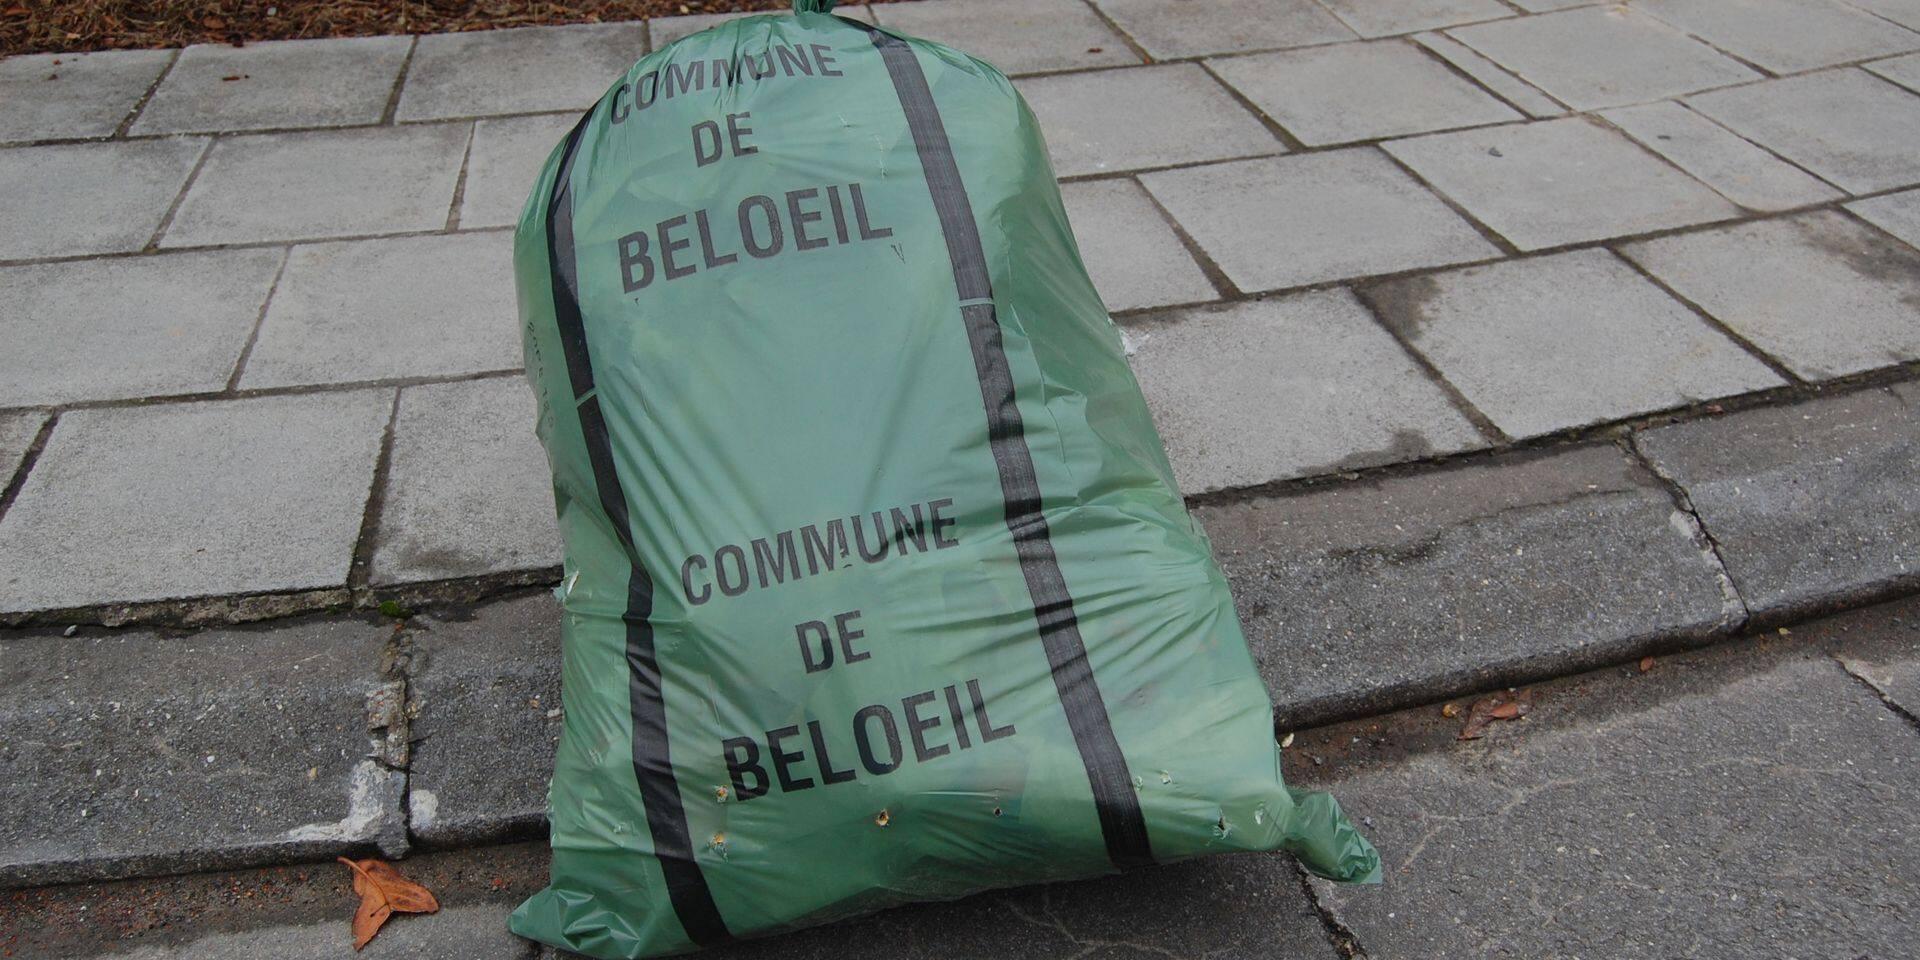 Beloeil : distribution des sacs-poubelle suspendue